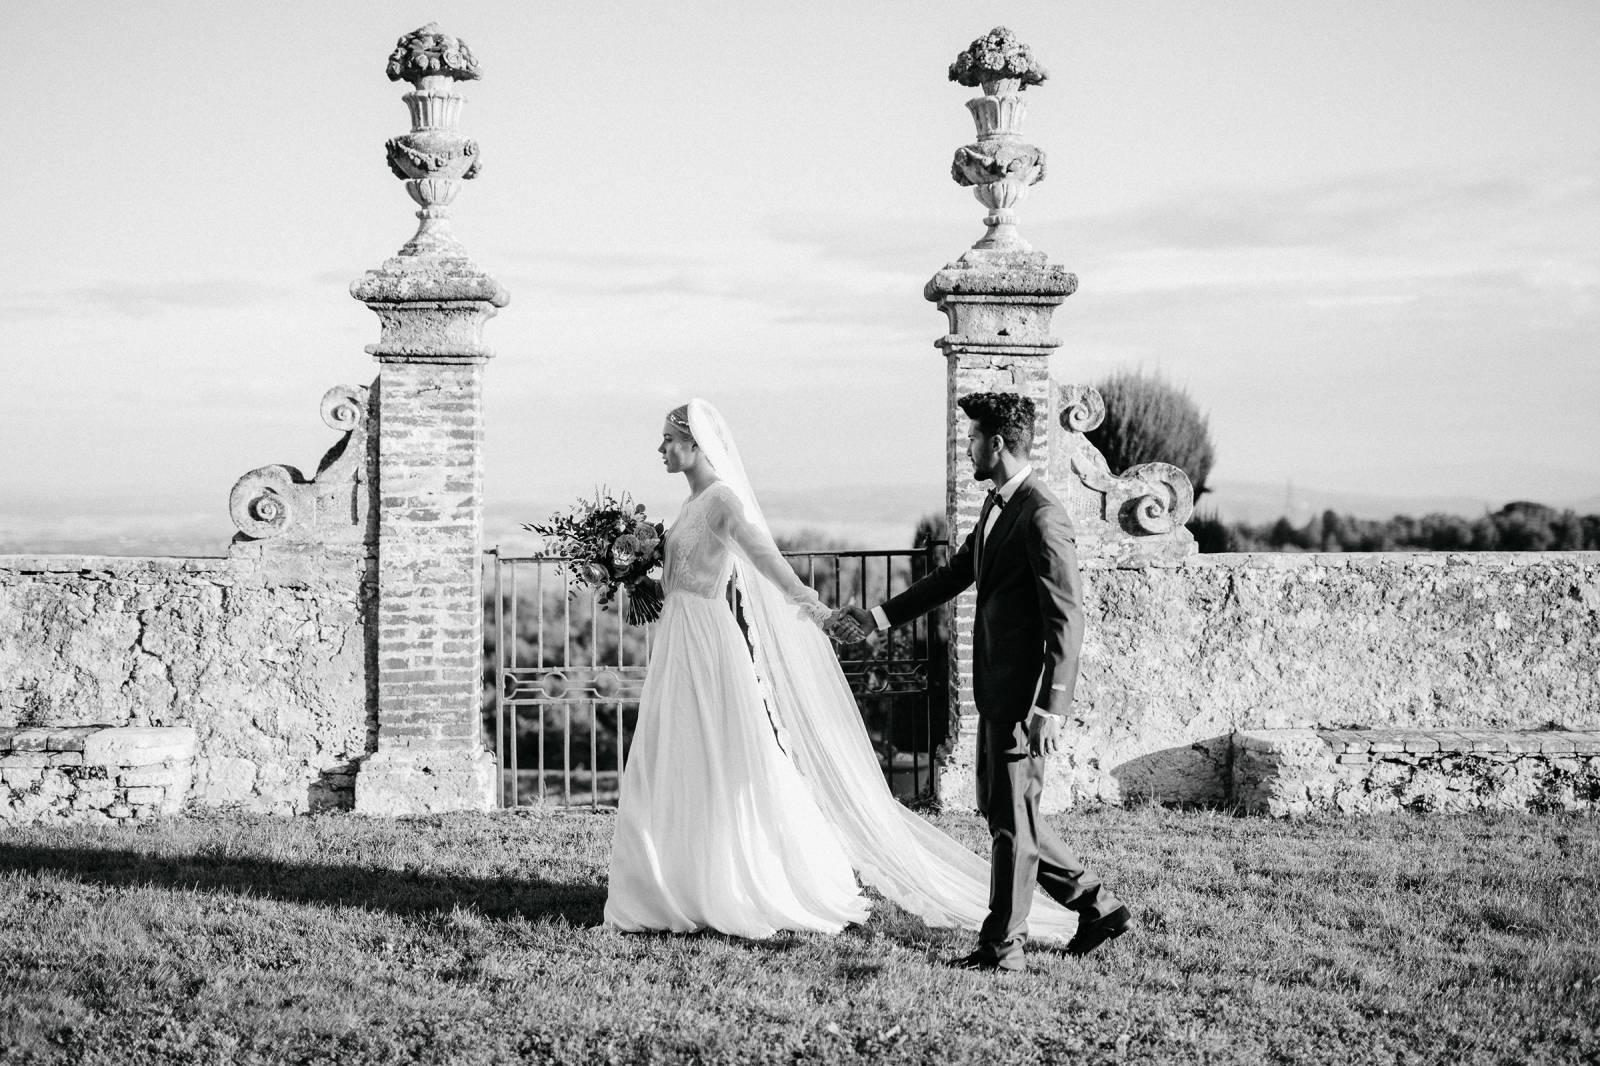 Rossini-Weddings-tuscany-wedding17